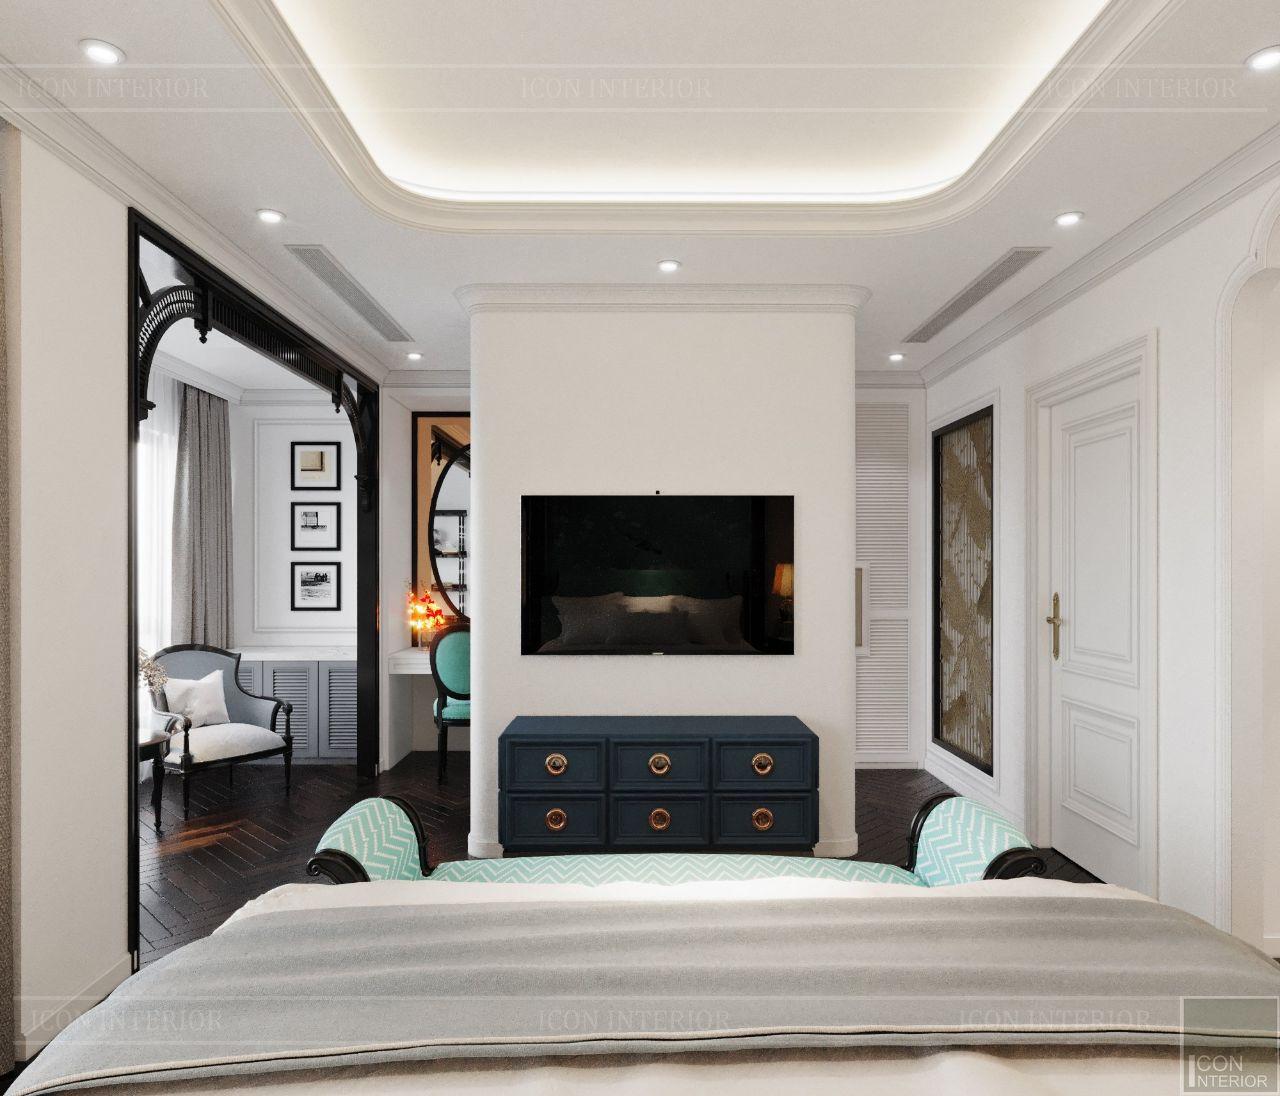 thiết kế nội thất căn hộ chung cư tphcm